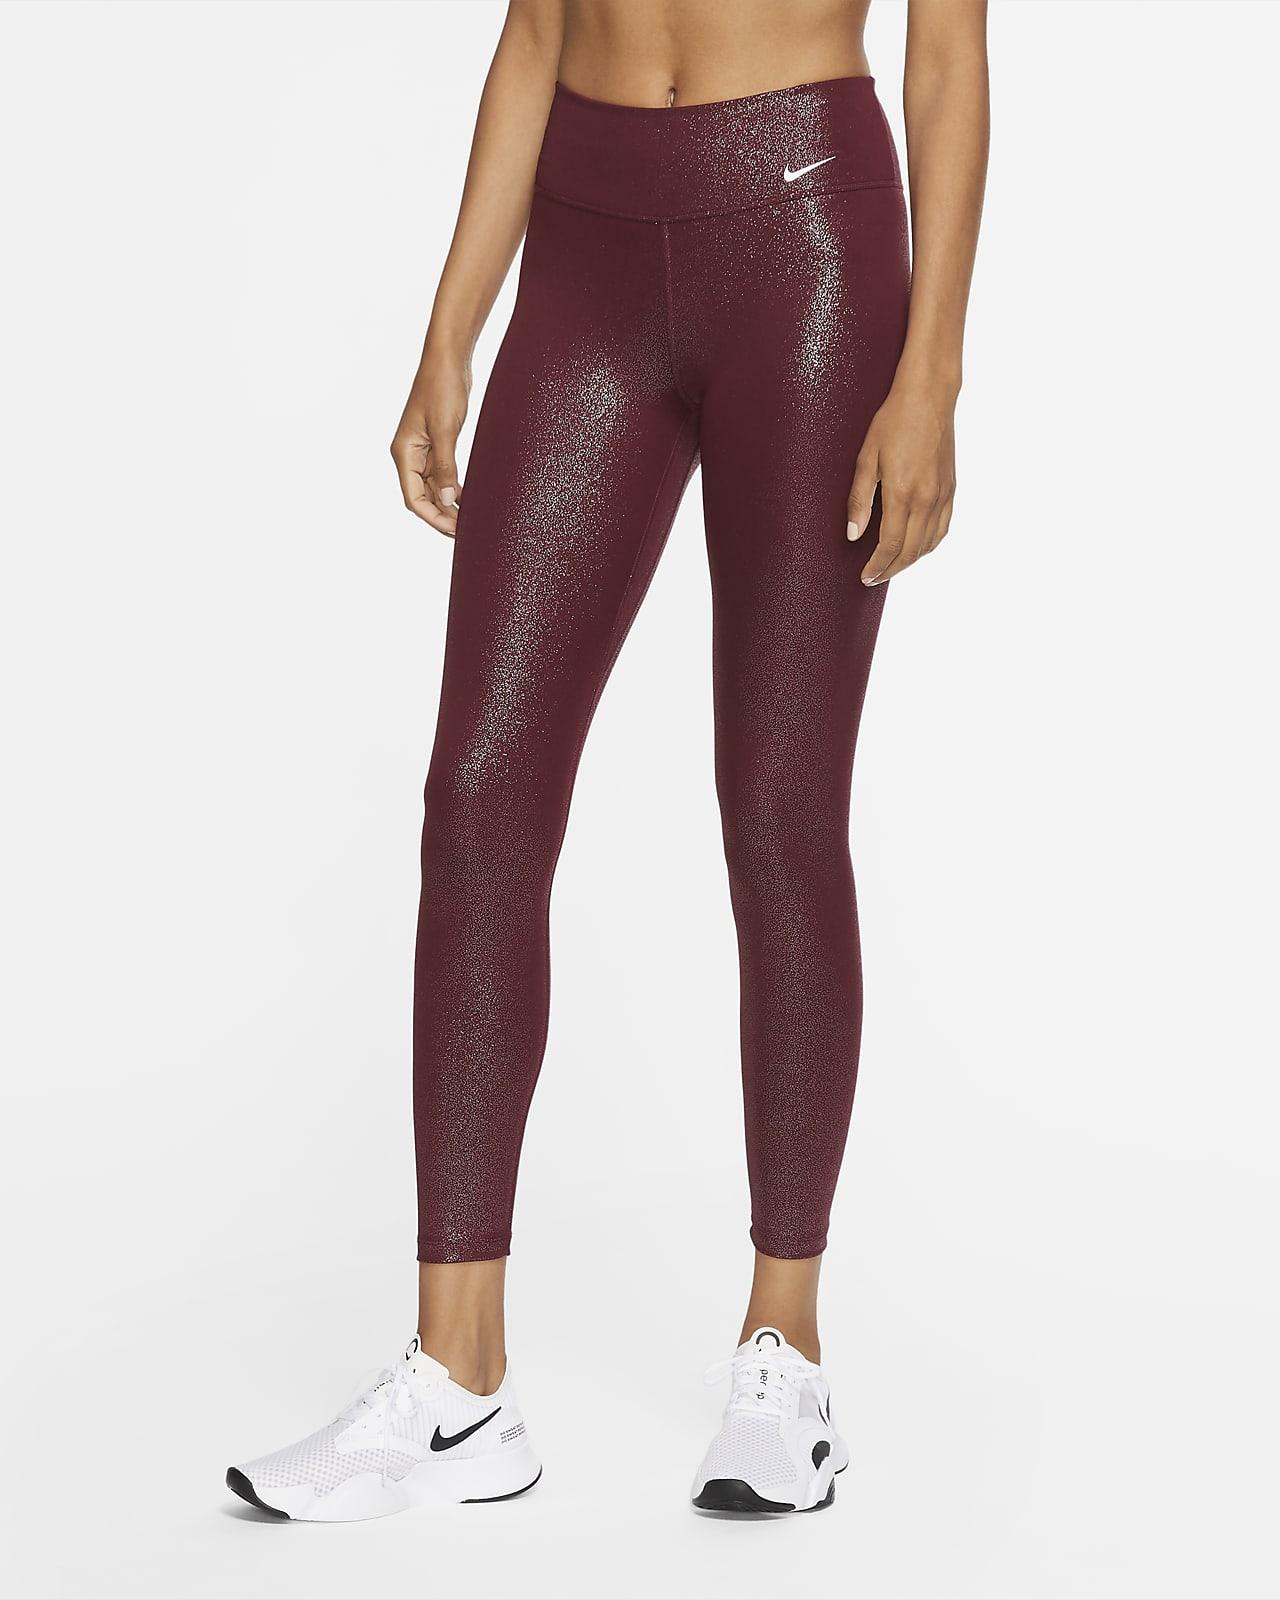 Женские слегка укороченные тайтсы с блестящим покрытием Nike Pro